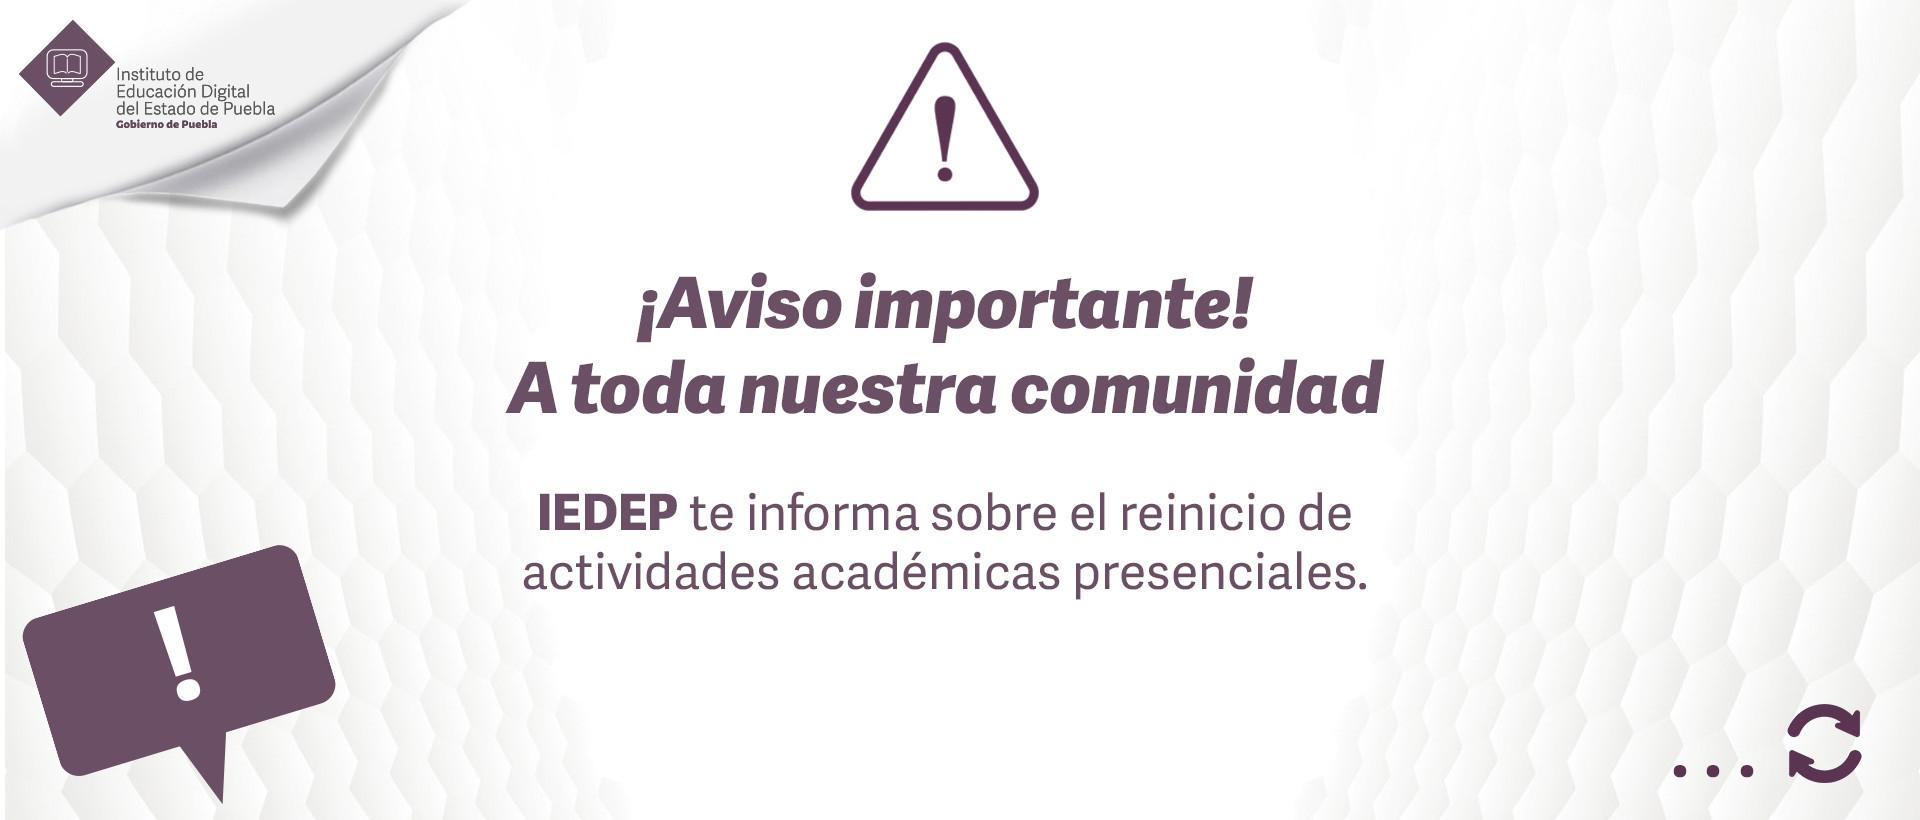 comunicado_IEDEP_COVID19.jpg